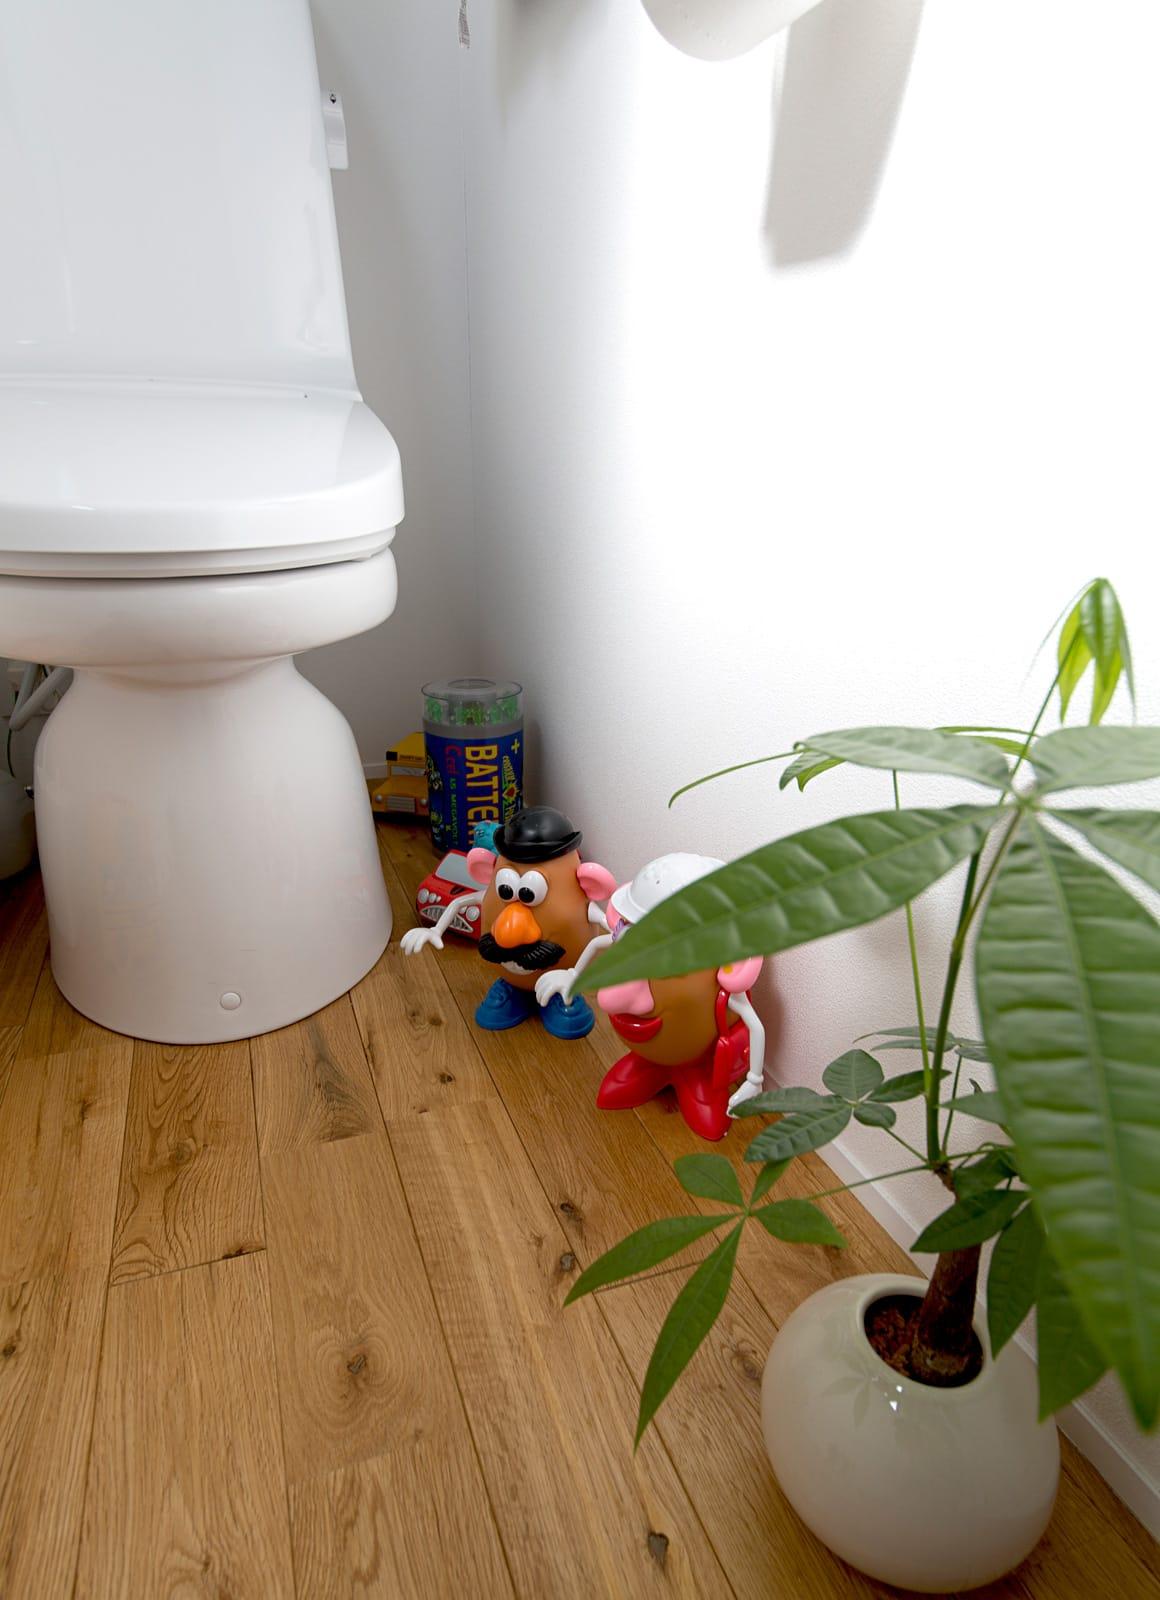 秘密基地のある家のトイレ2